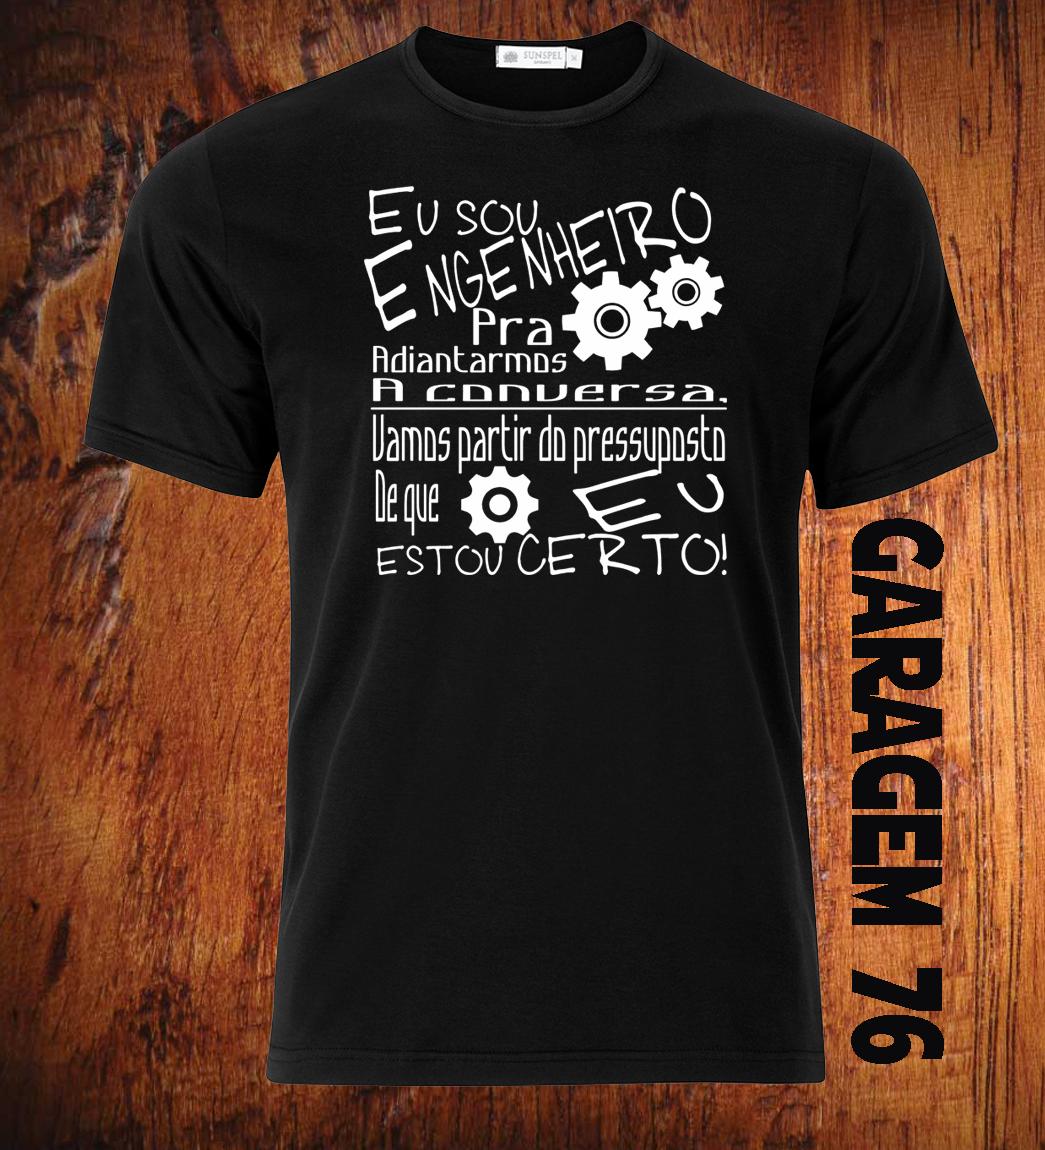 Tshirt Engenharia Camiseta Camiseta Eu Sou Engenheiro Formatura